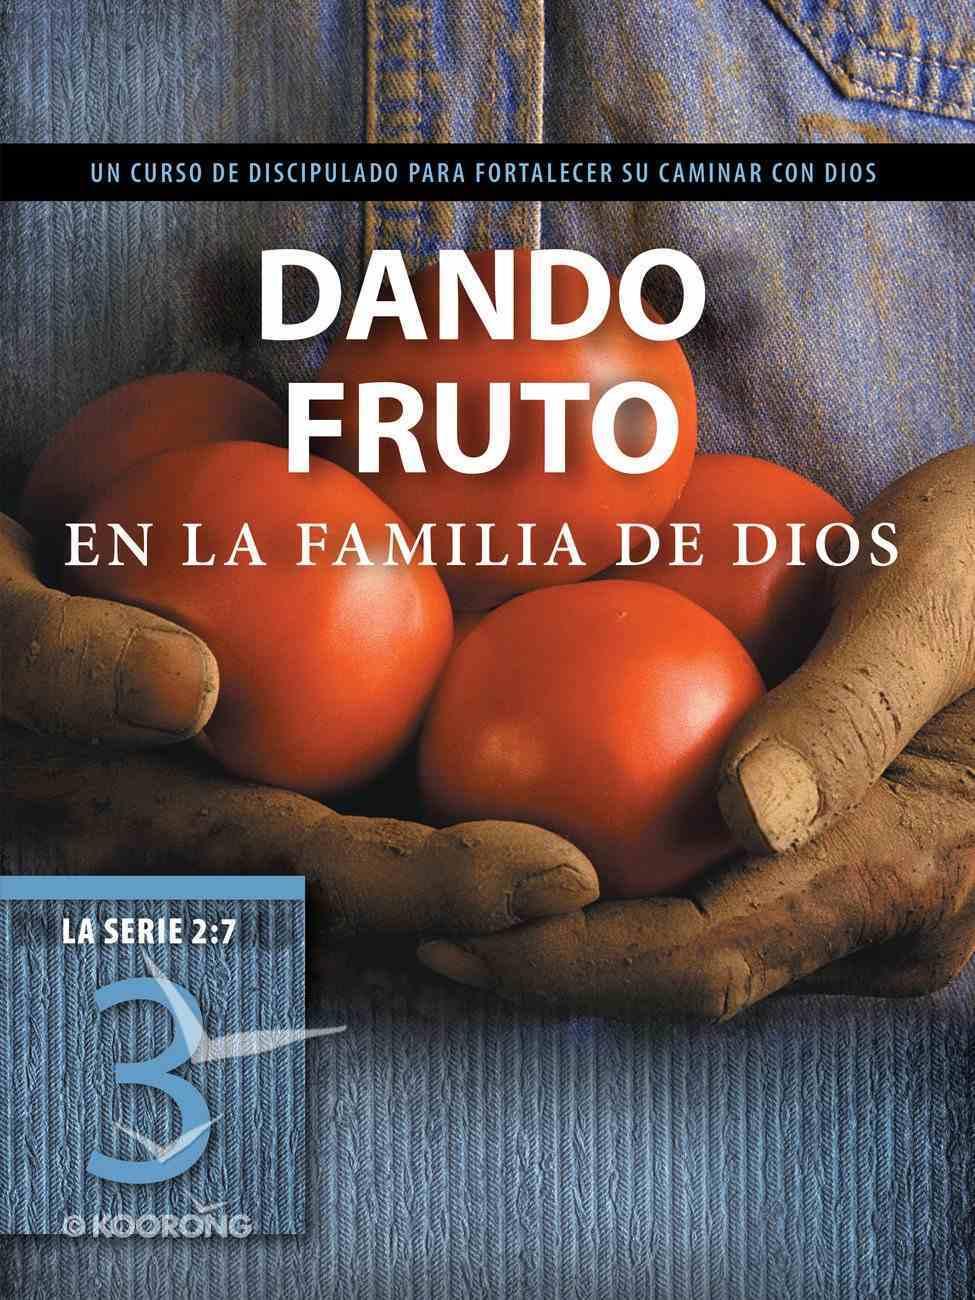 2: 7 #03  Dando Fruto En La Familia De Dios  Un Curso De Discipulado Para Fortalecer Su Caminar Con Dios (#3 in La Serie 2 7 Series) Paperback